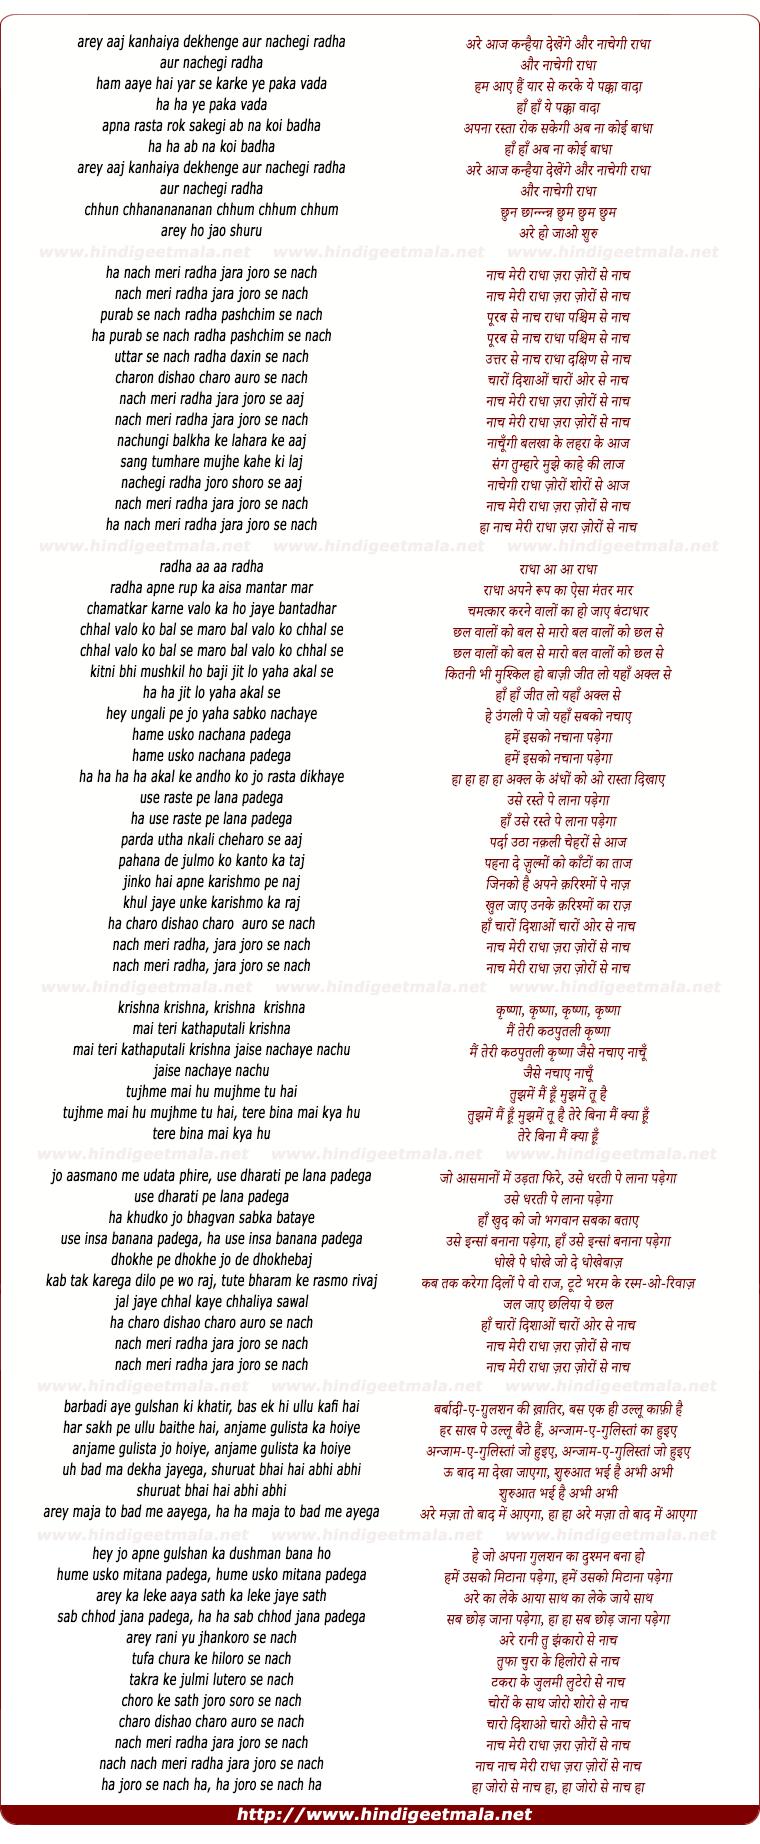 lyrics of song Are Aaj Kanhaiya Dekhenge Aur Nachegee Radha